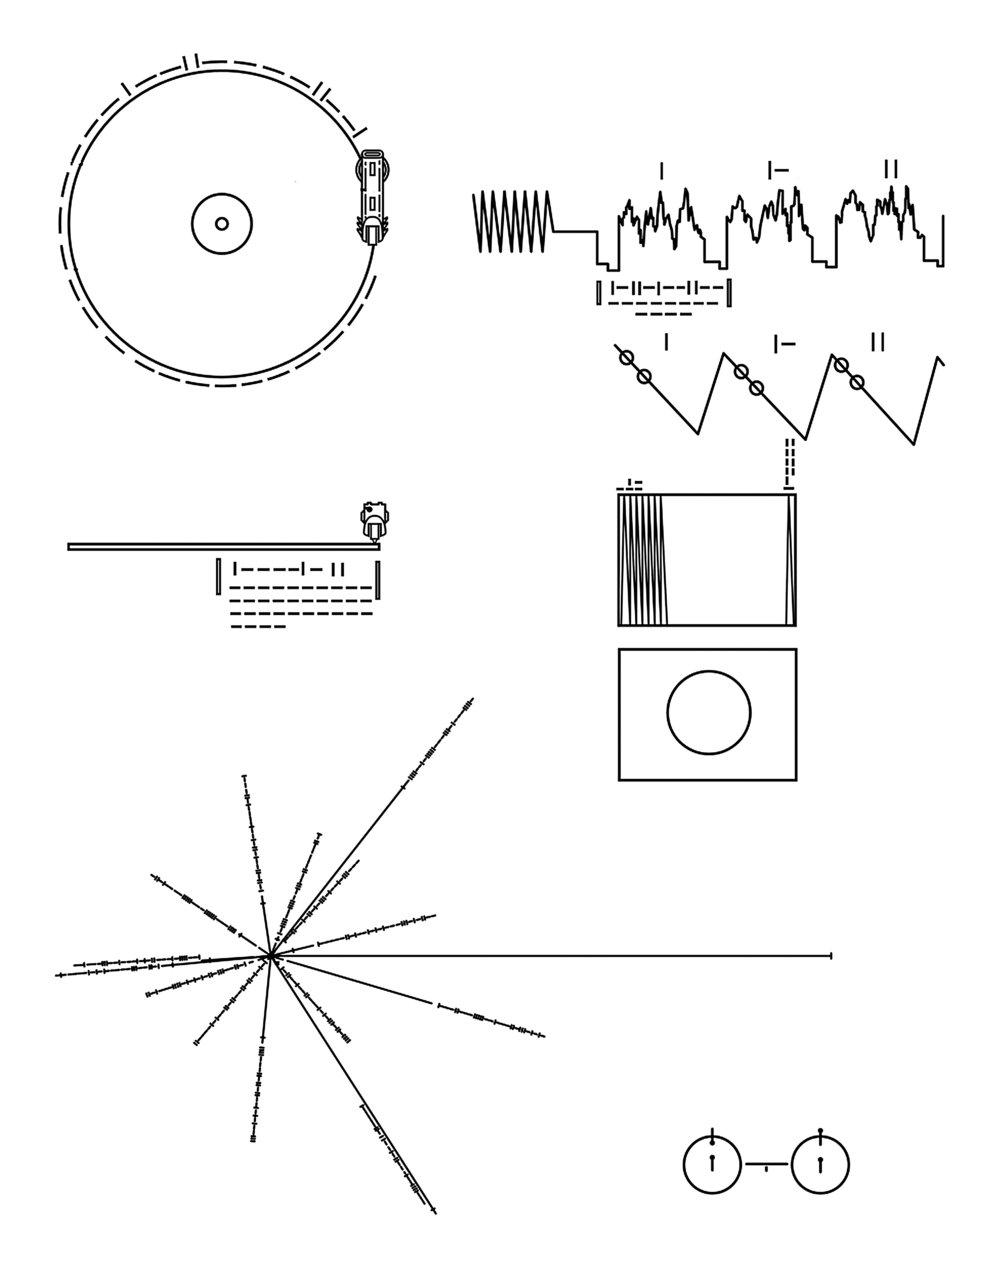 Afbeelding 3: Symbolen op de gouden langspeelplaat van de Voyager I en II ruimtesonde. Ontworpen door NASA, 1977.